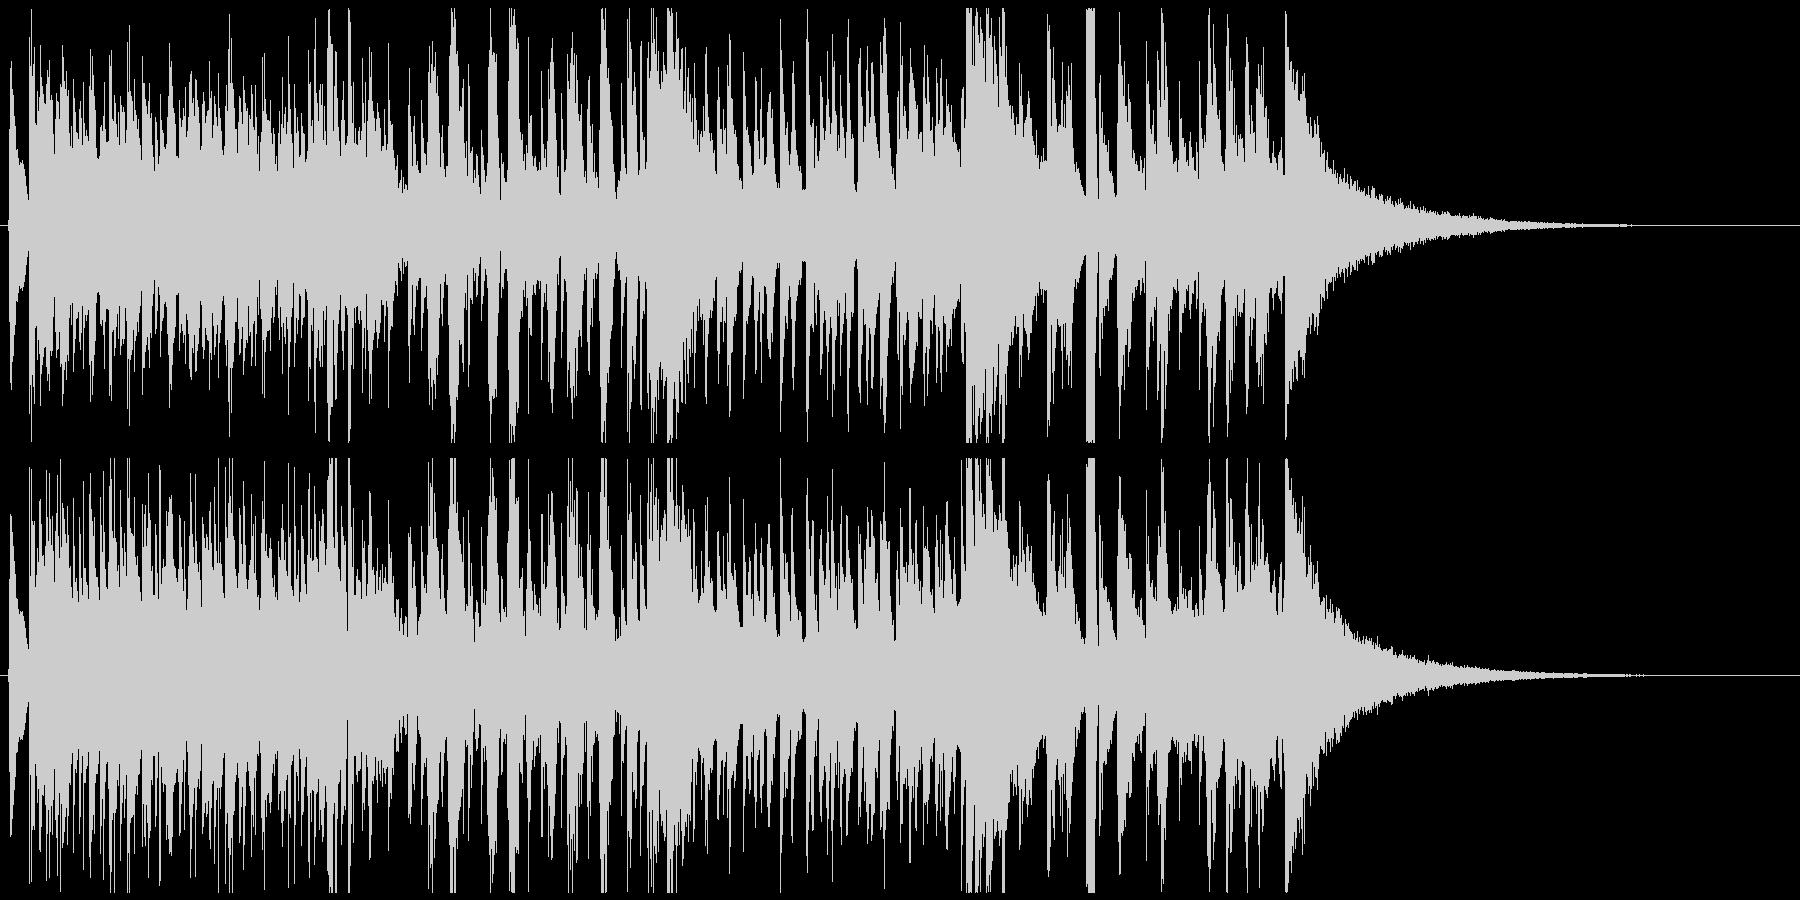 ジャズピアノジングル かっこいい疾走感の未再生の波形